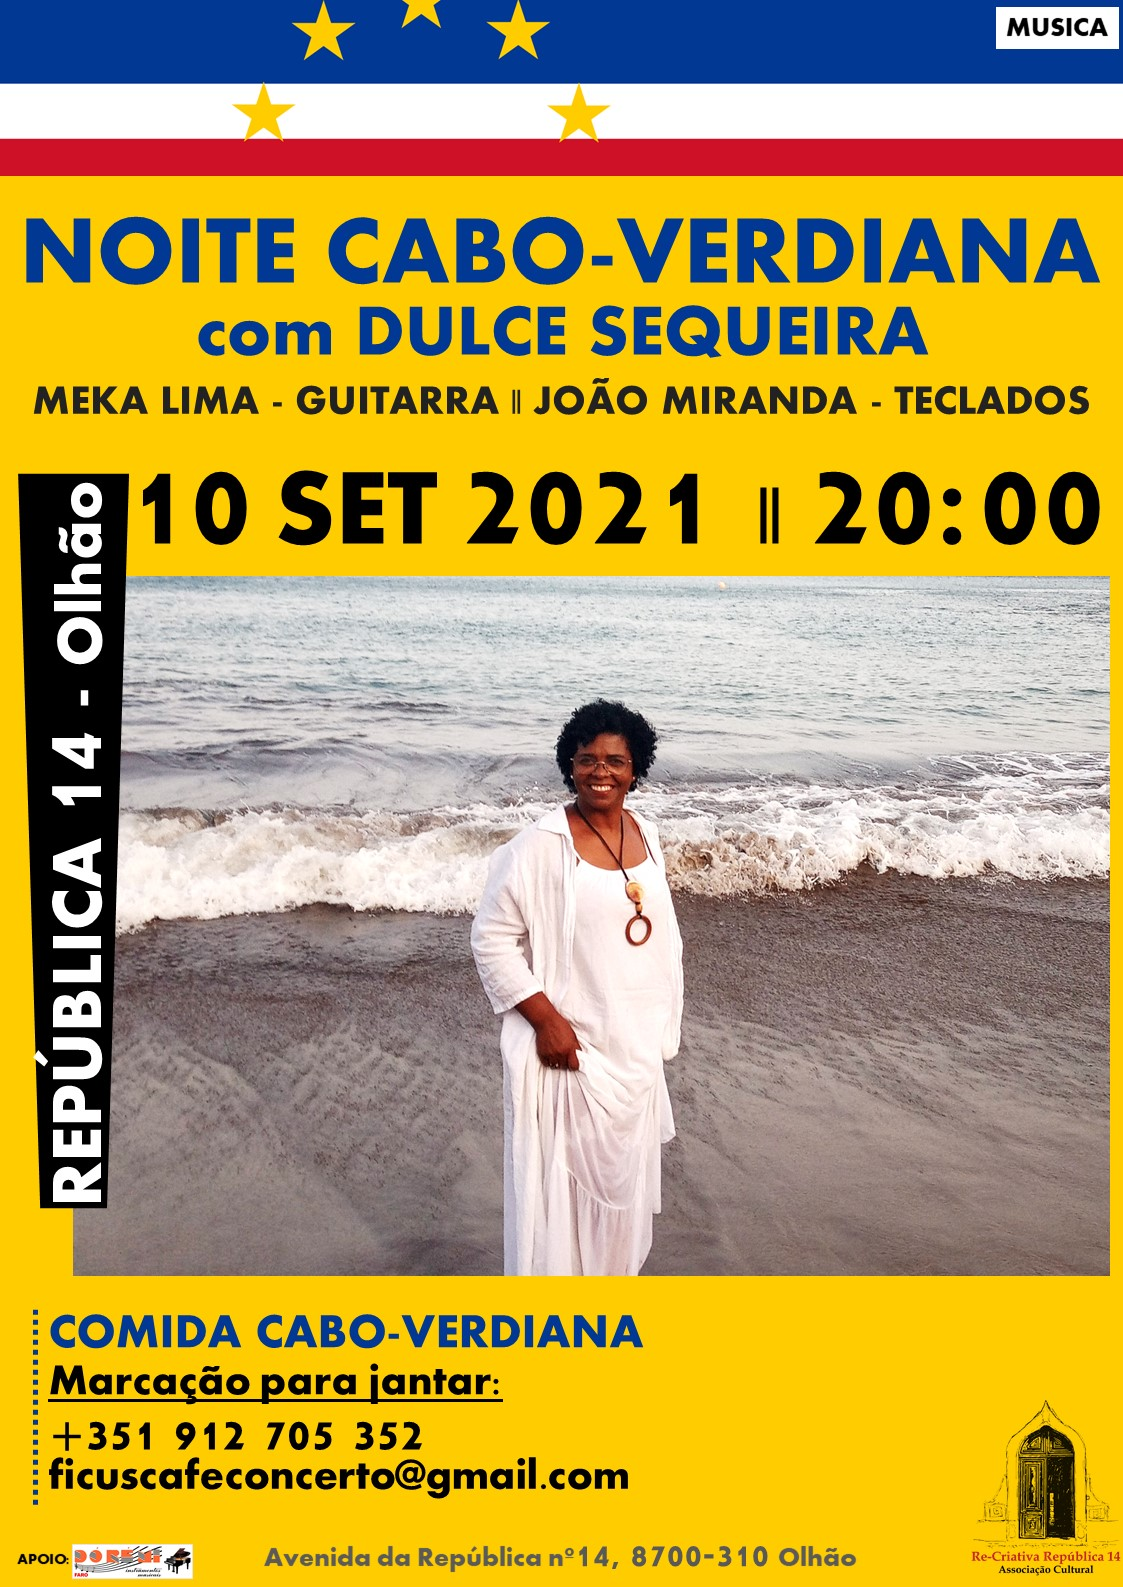 NOITE CABO-VERDIANA -  com Dulce Sequeira